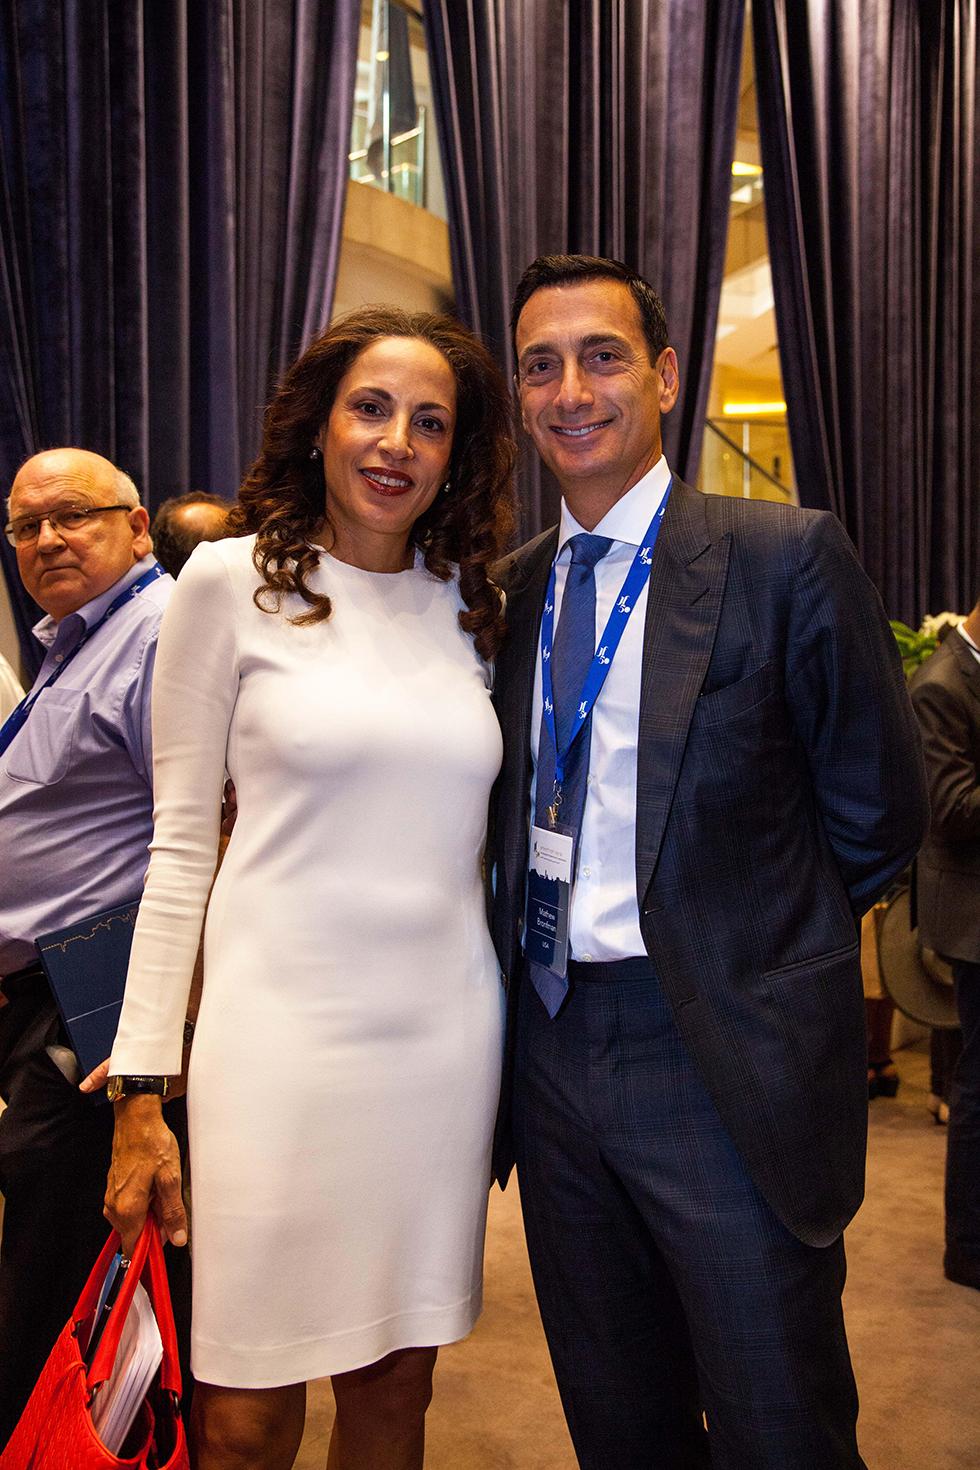 מת׳יו ברונפמן ויוהנה ארביב (צילום: ליאור גולסאד)